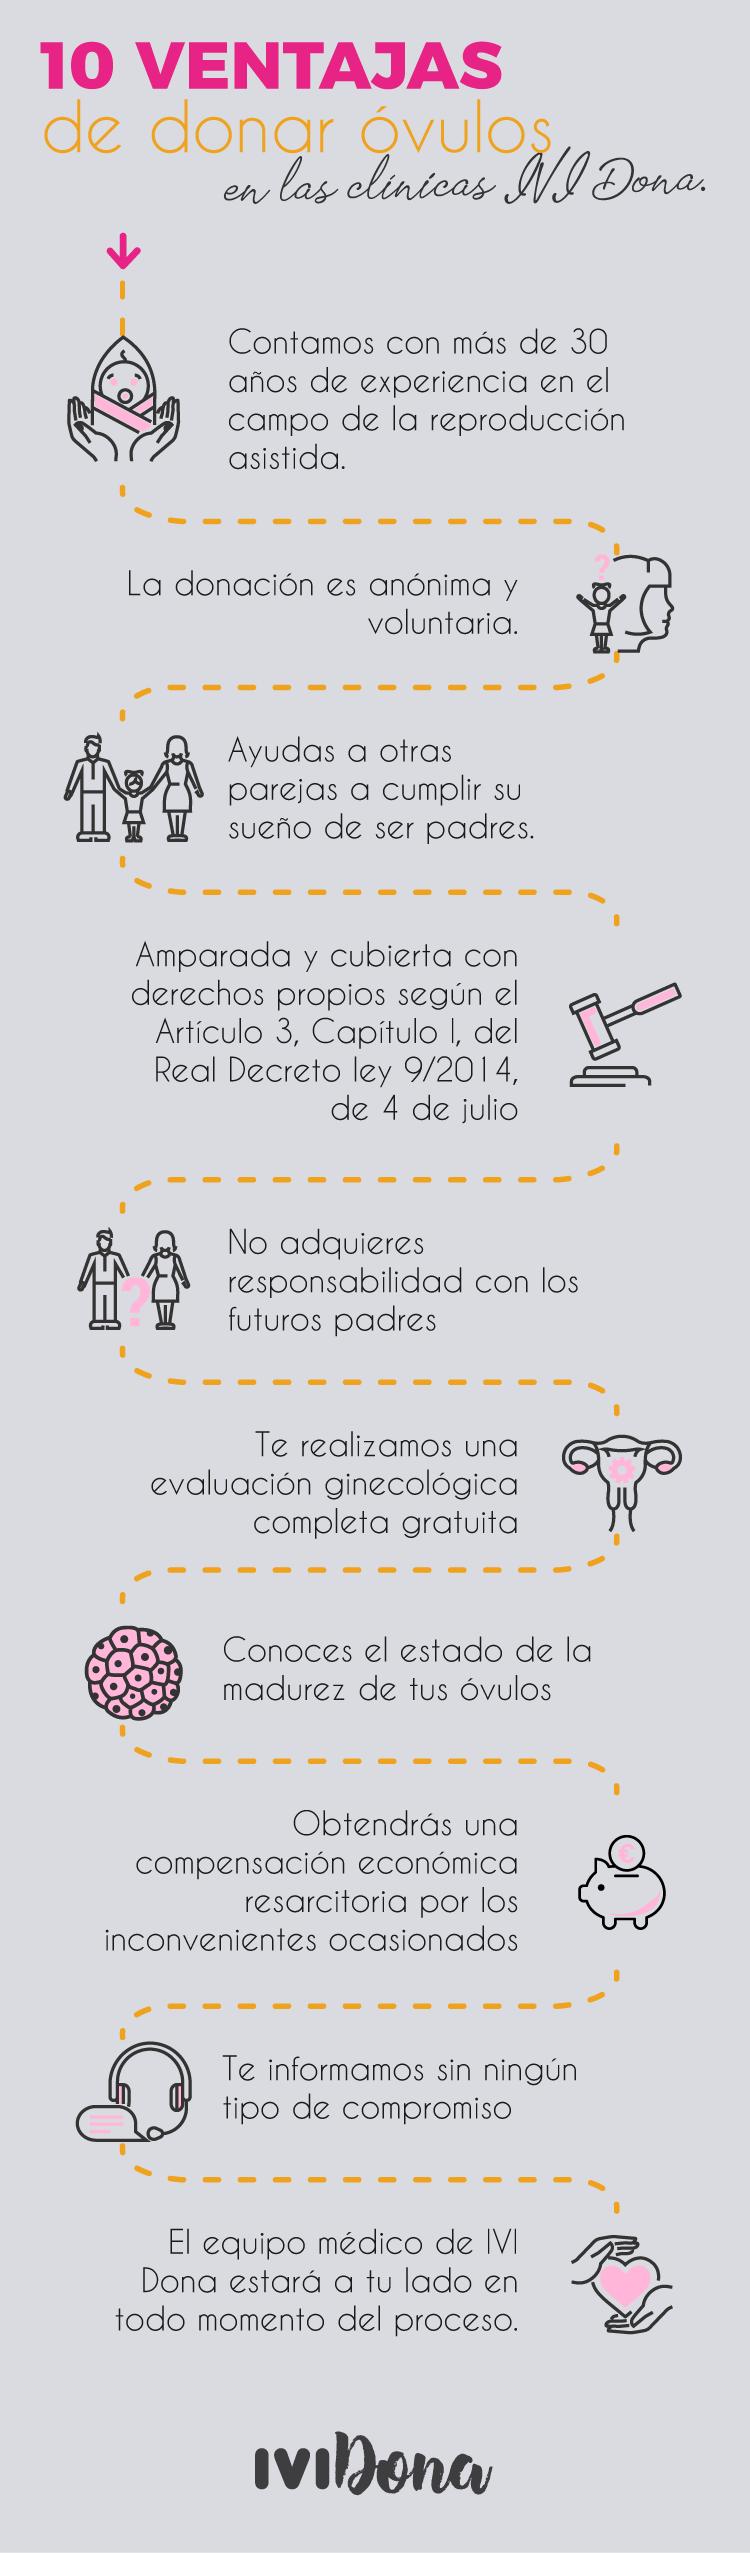 infografía sobre las ventajas de donar óvulos